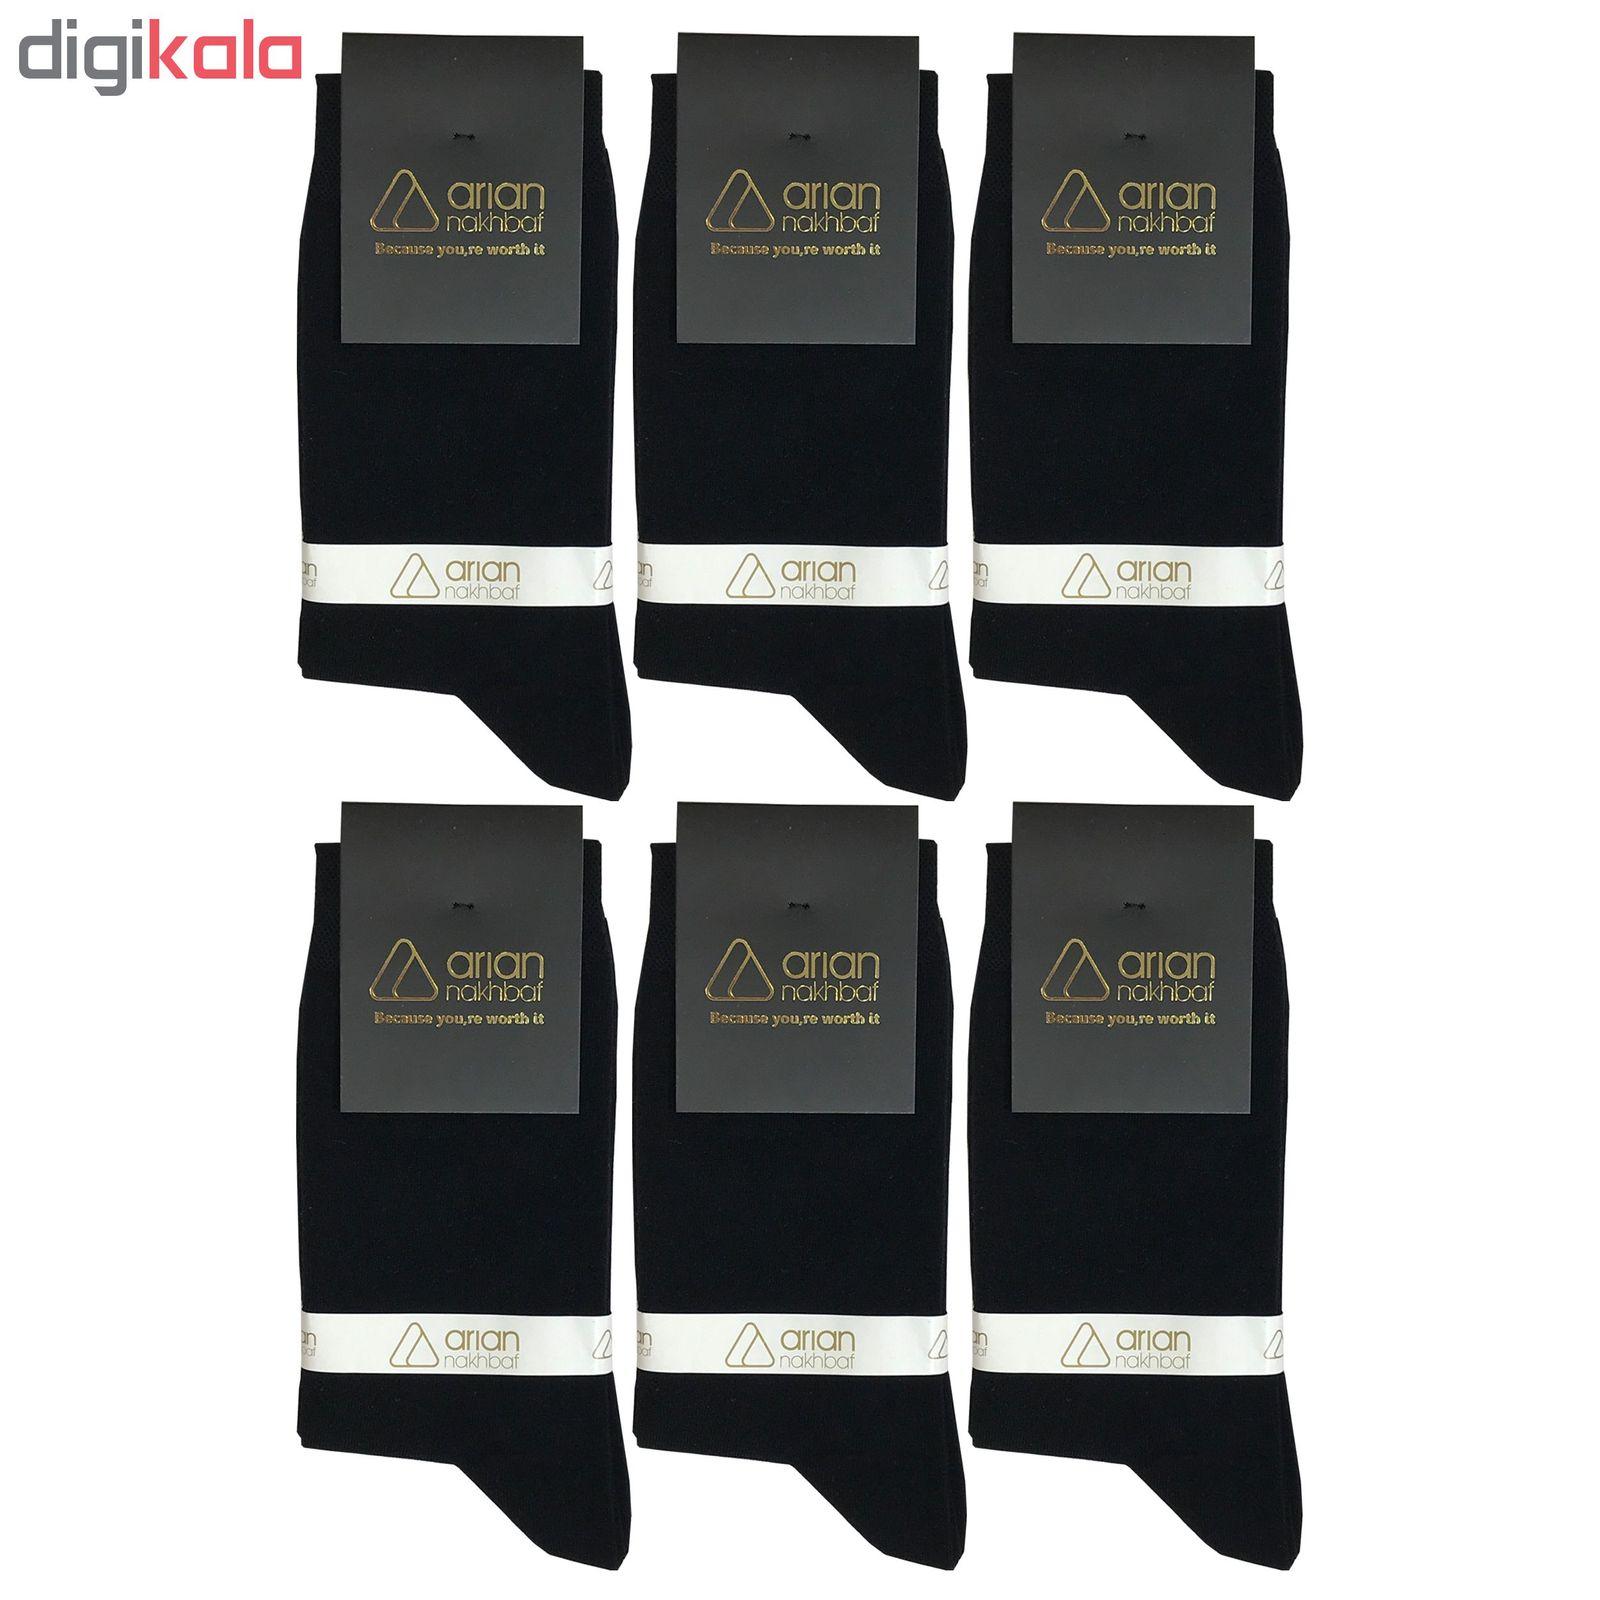 جوراب مردانه مشکی آریان نخ باف کد 51217 بسته 6 عددی پنجه گیری شده main 1 1